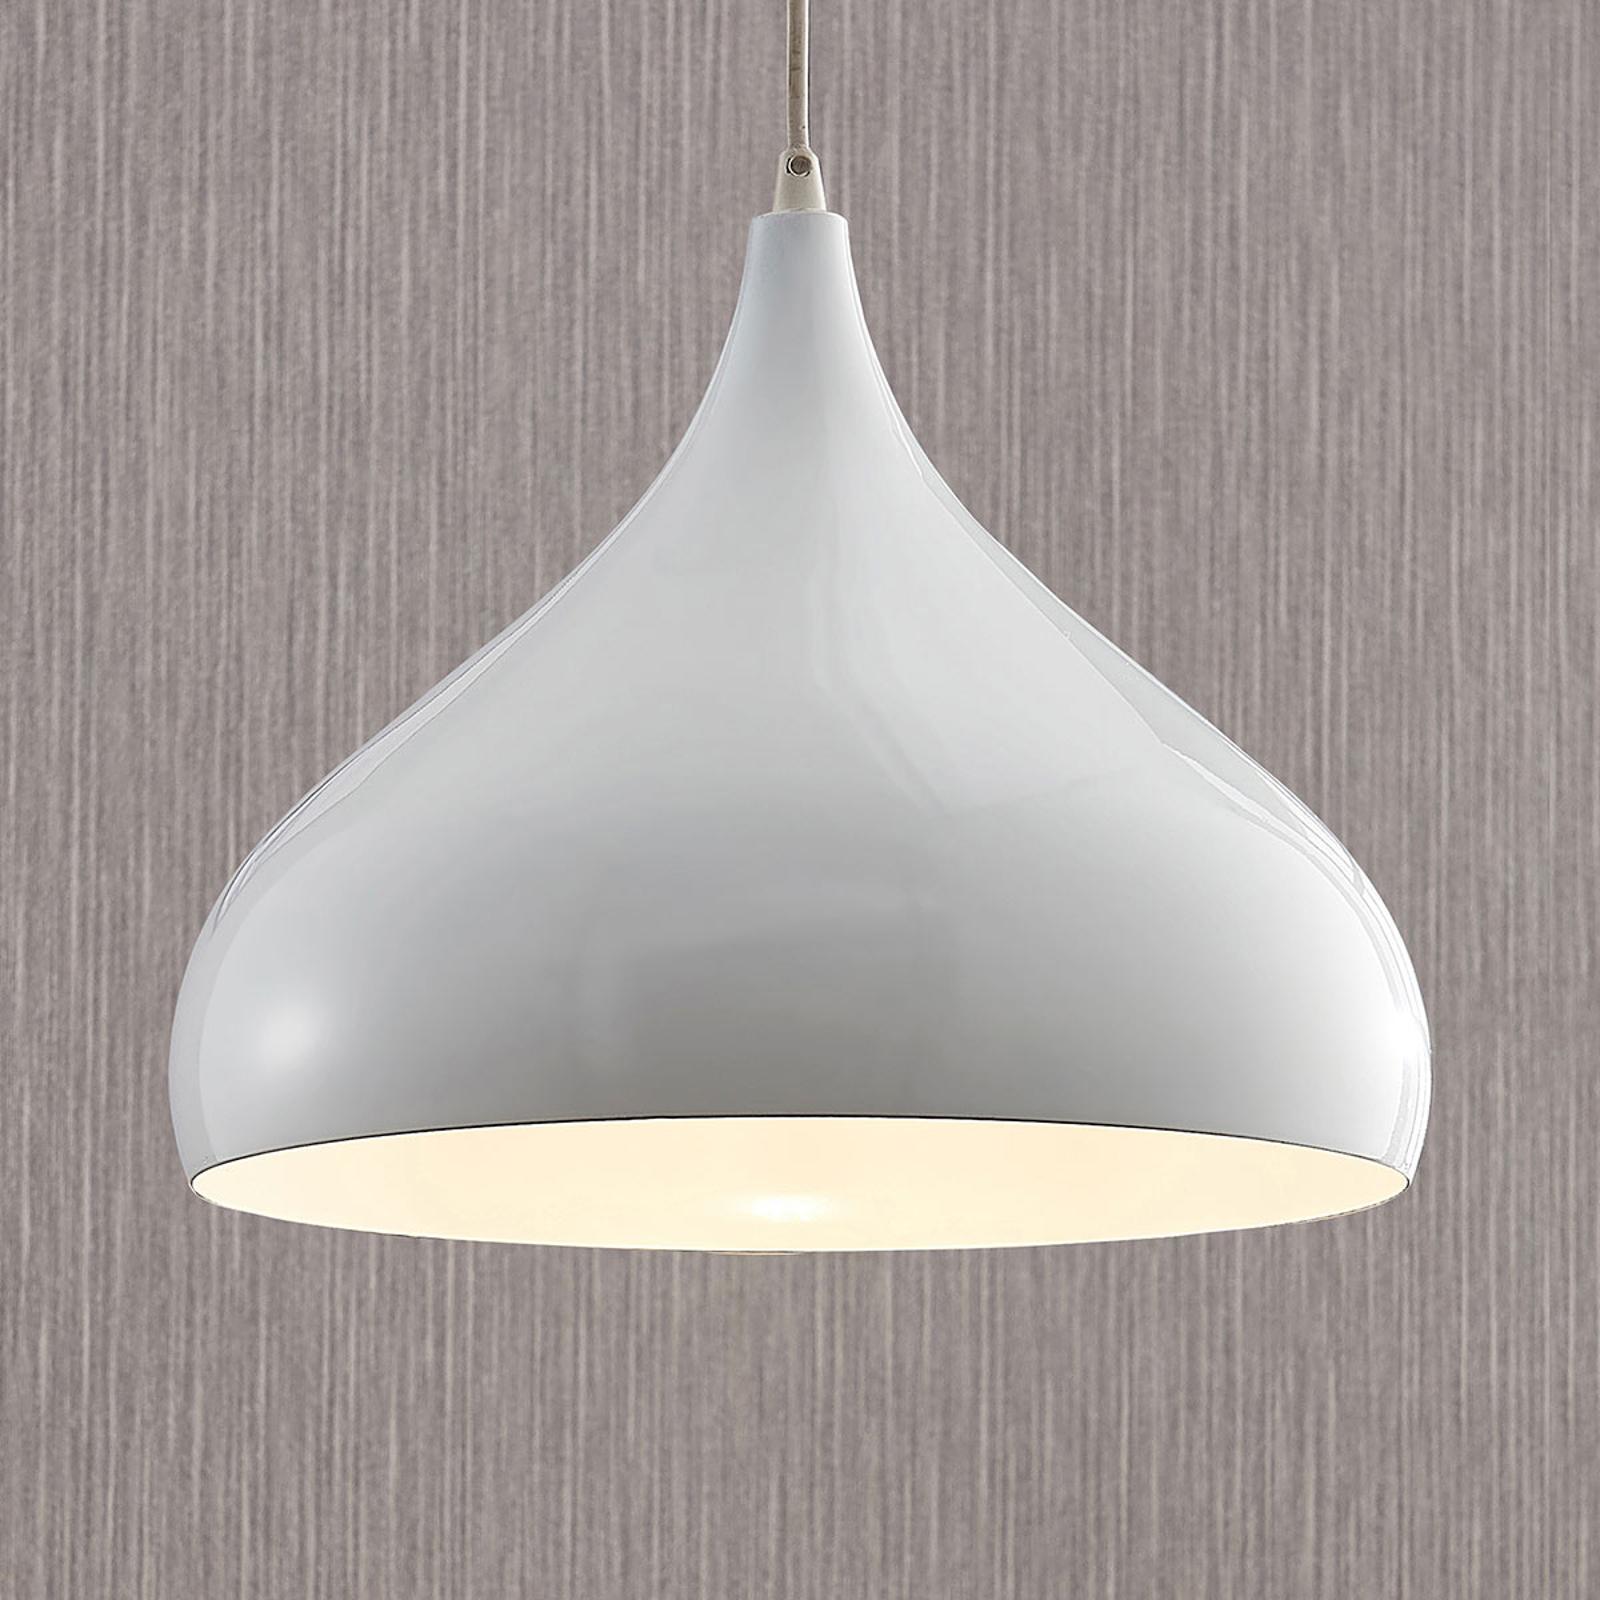 Aluminio- lámpara colgante Ritana, blanco